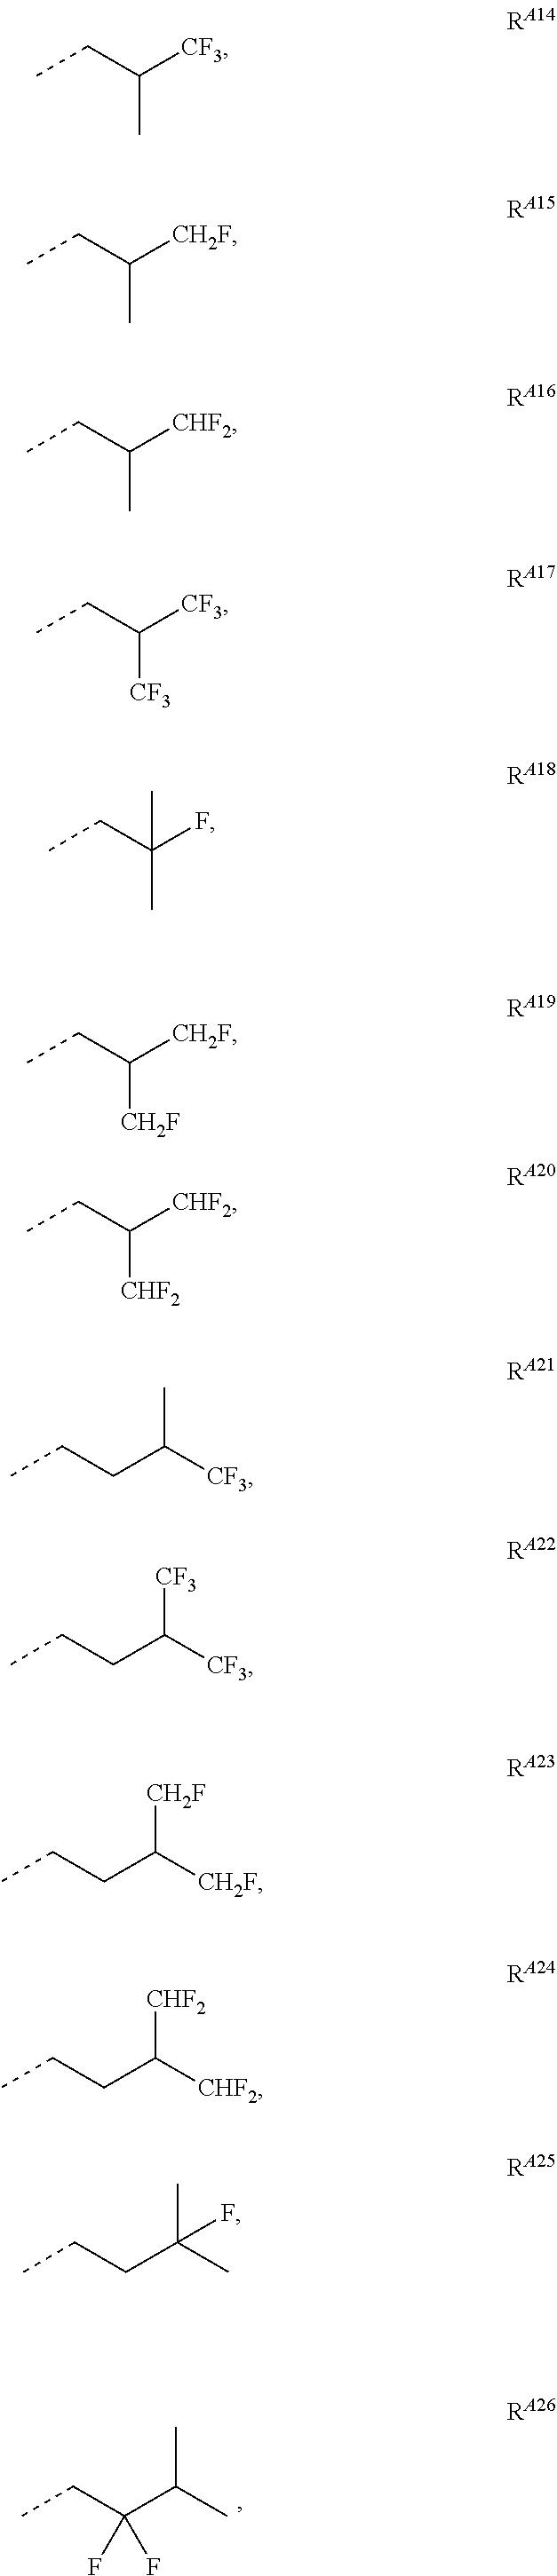 Figure US09711730-20170718-C00248